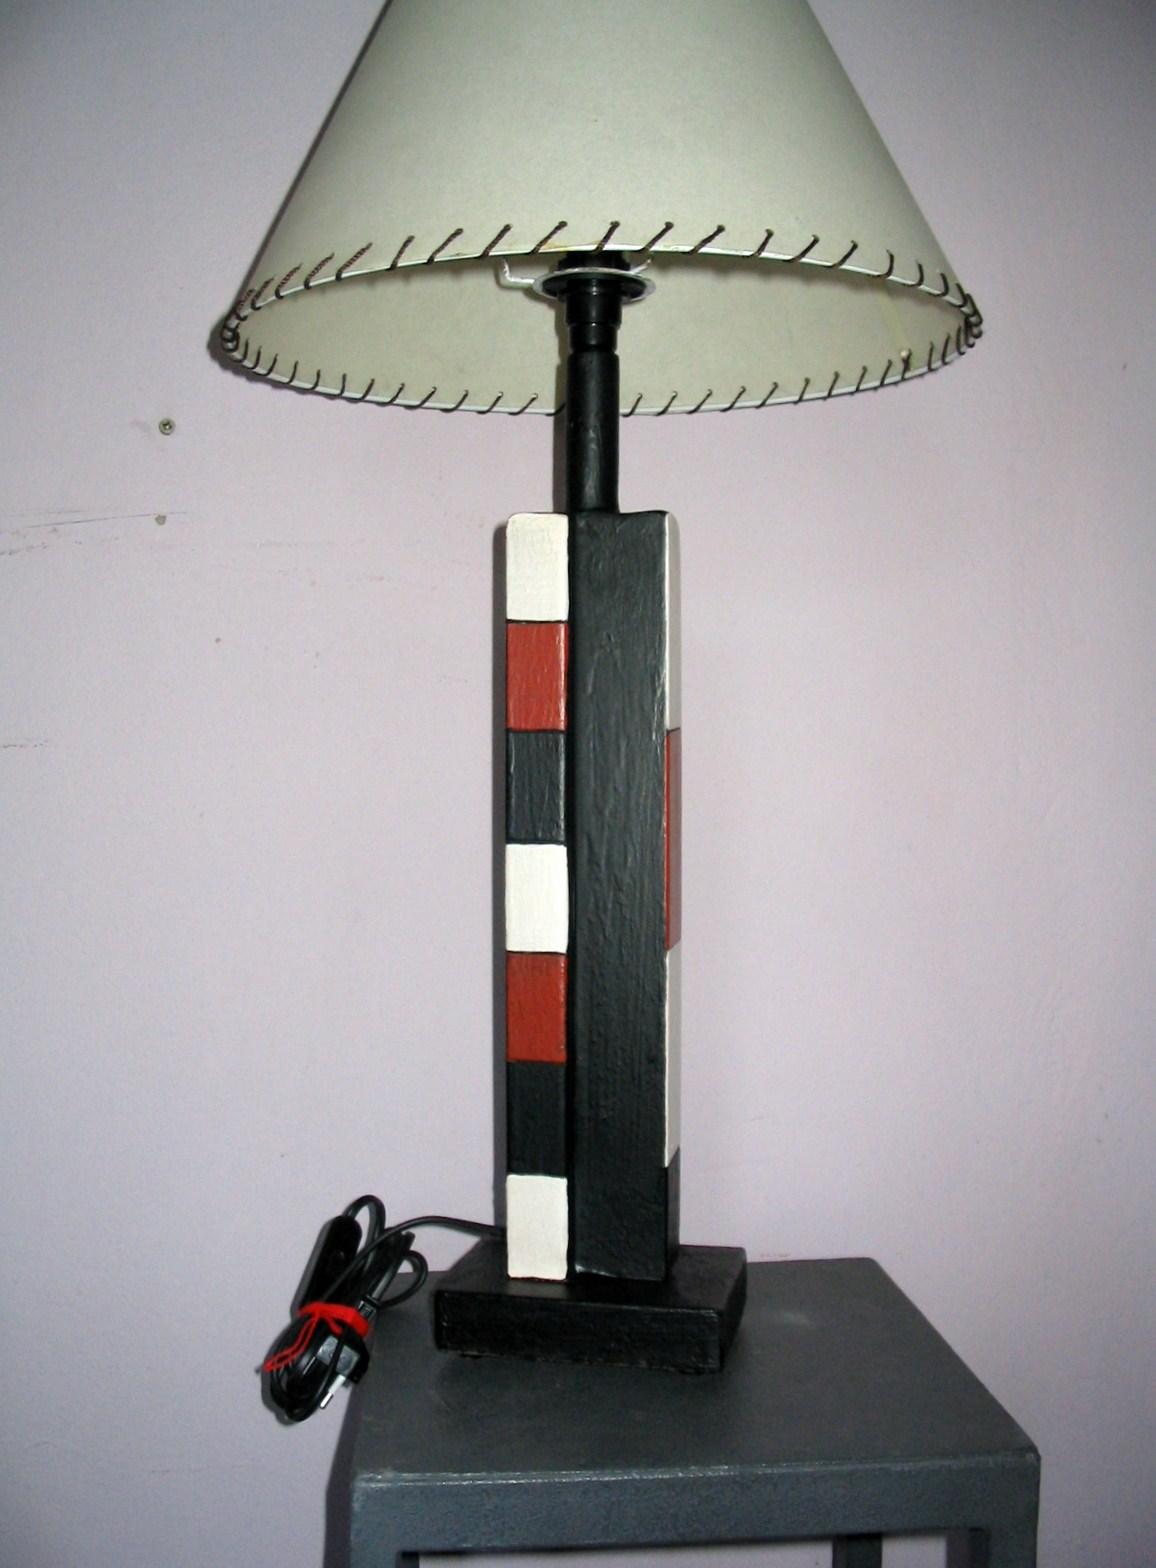 [lamparas+nuevas+y+escalera+manolo+diaz+005.jpg]